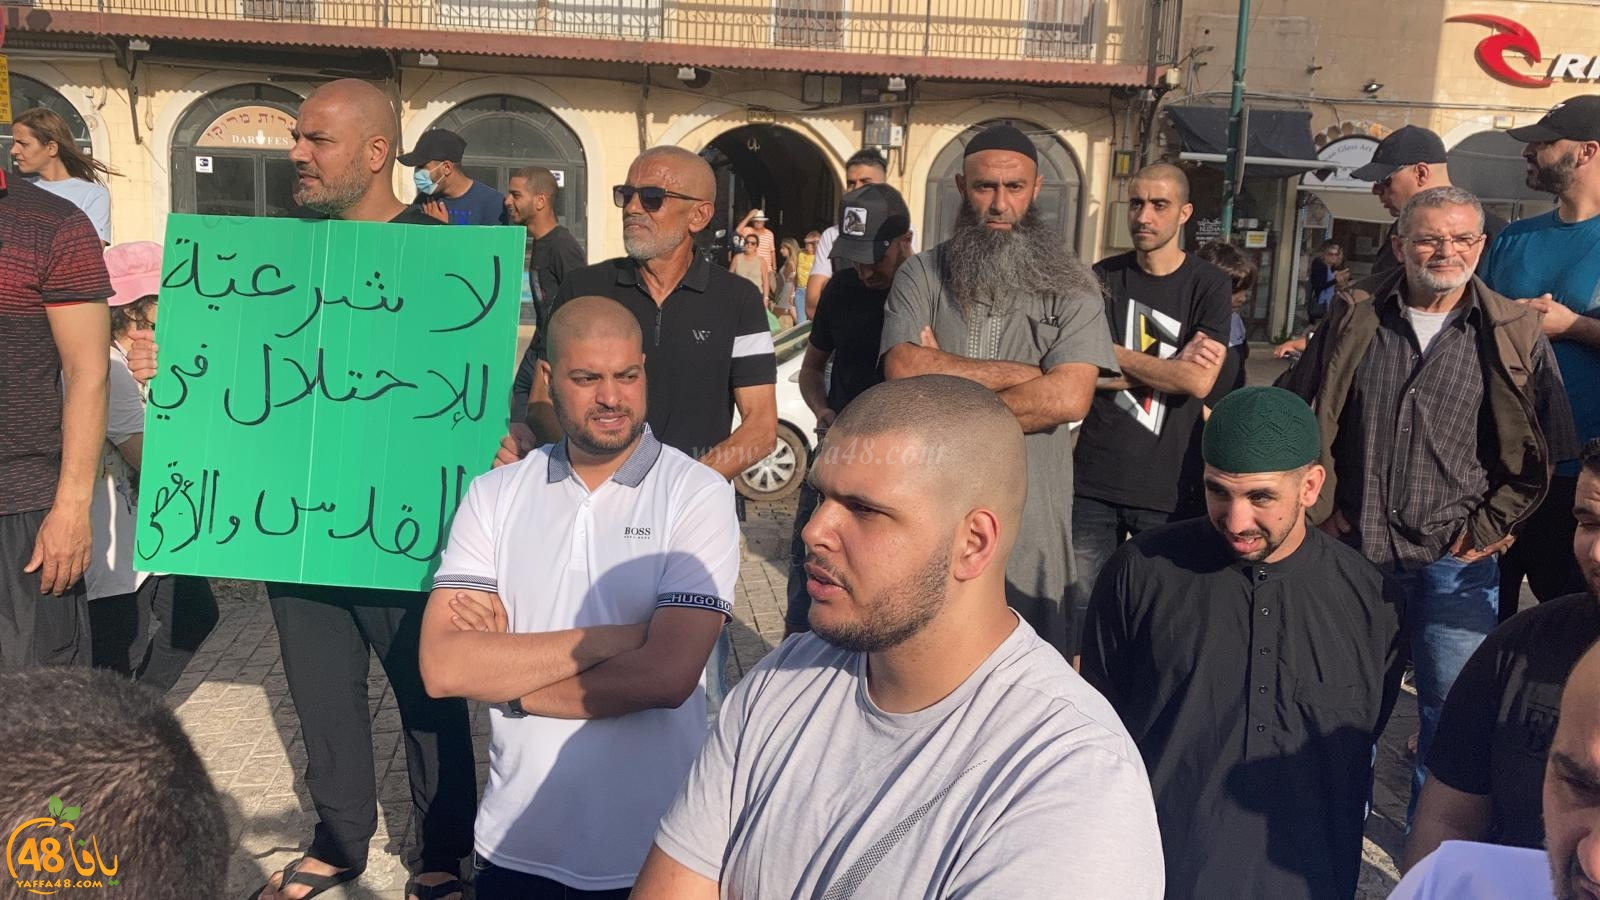 فيديو: وقفة احتجاجية في دوار الساعة بيافا نُصرةً للأقصى المبارك